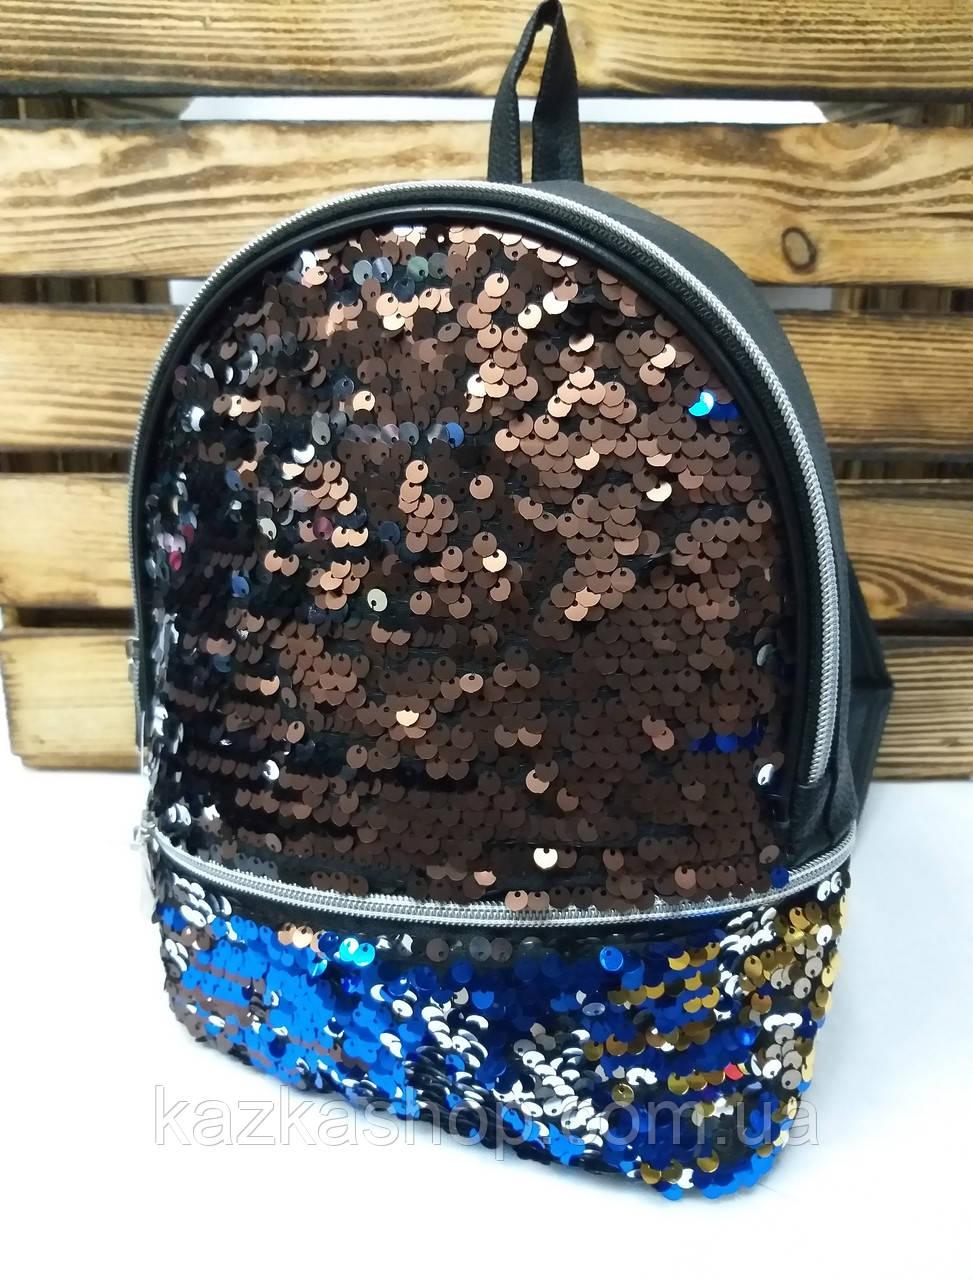 Рюкзак с разноцветными паетками, один отдела, материал кожзам черного цвета